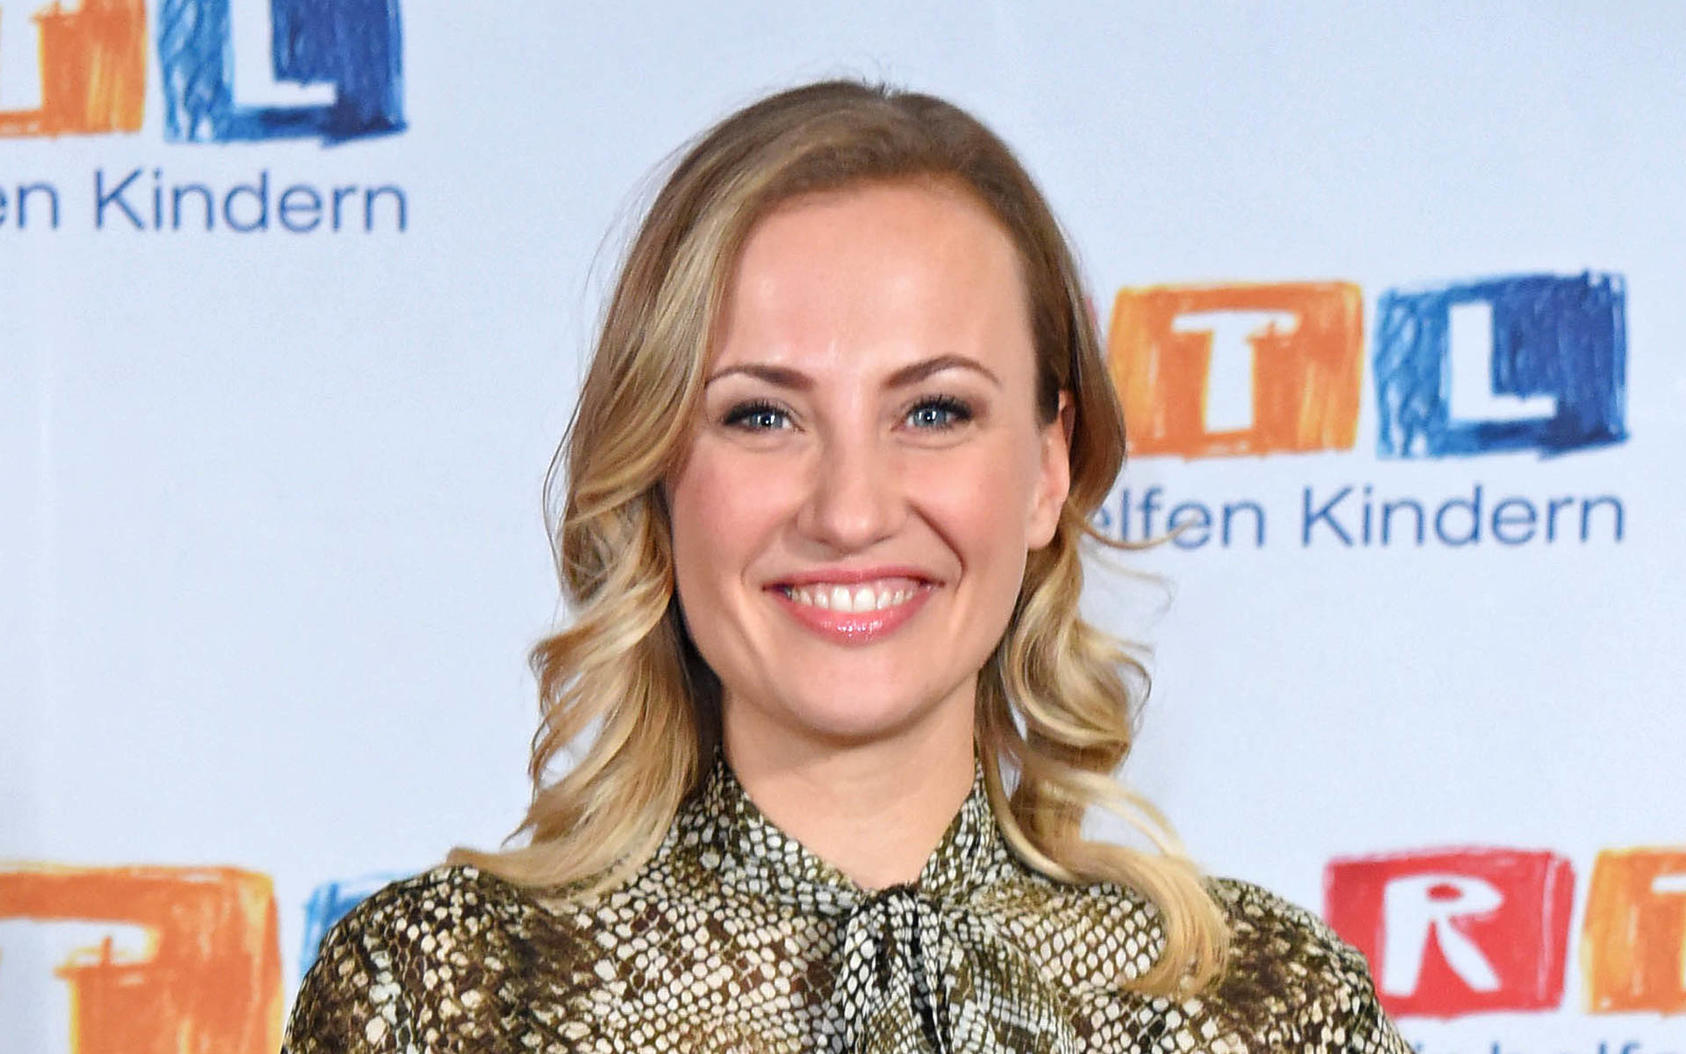 Alles was zählt-Star Ania Niedieck: Das zweite Baby ist da